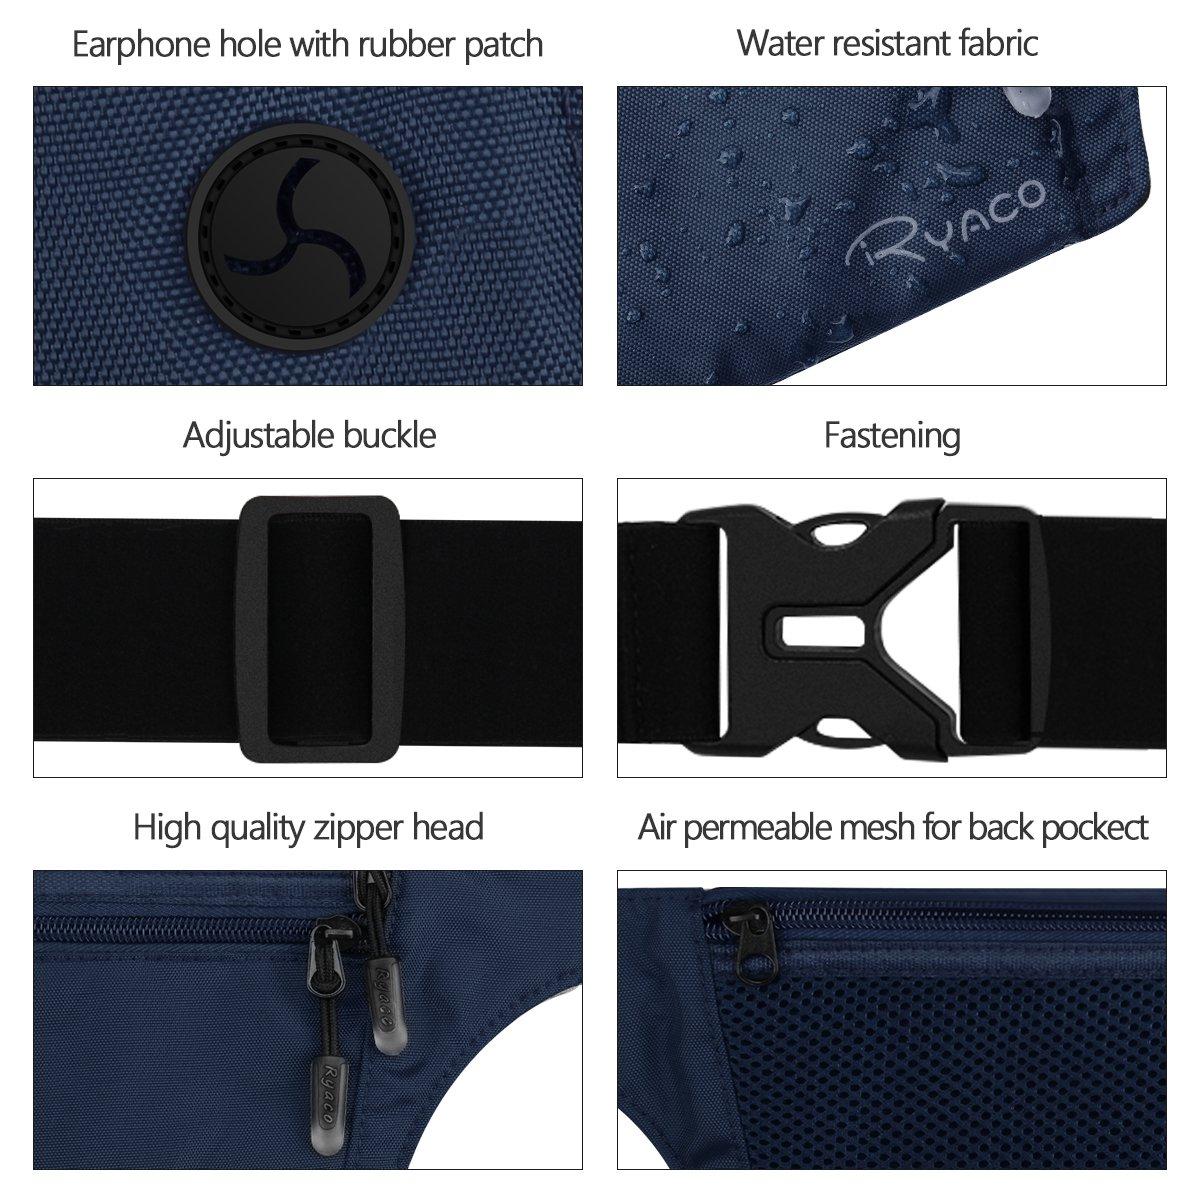 Black Ryaco Travel Money Belt with RFID Blocking Waist Bag Pouch Wallet Hidden Under Clothes Men//Women